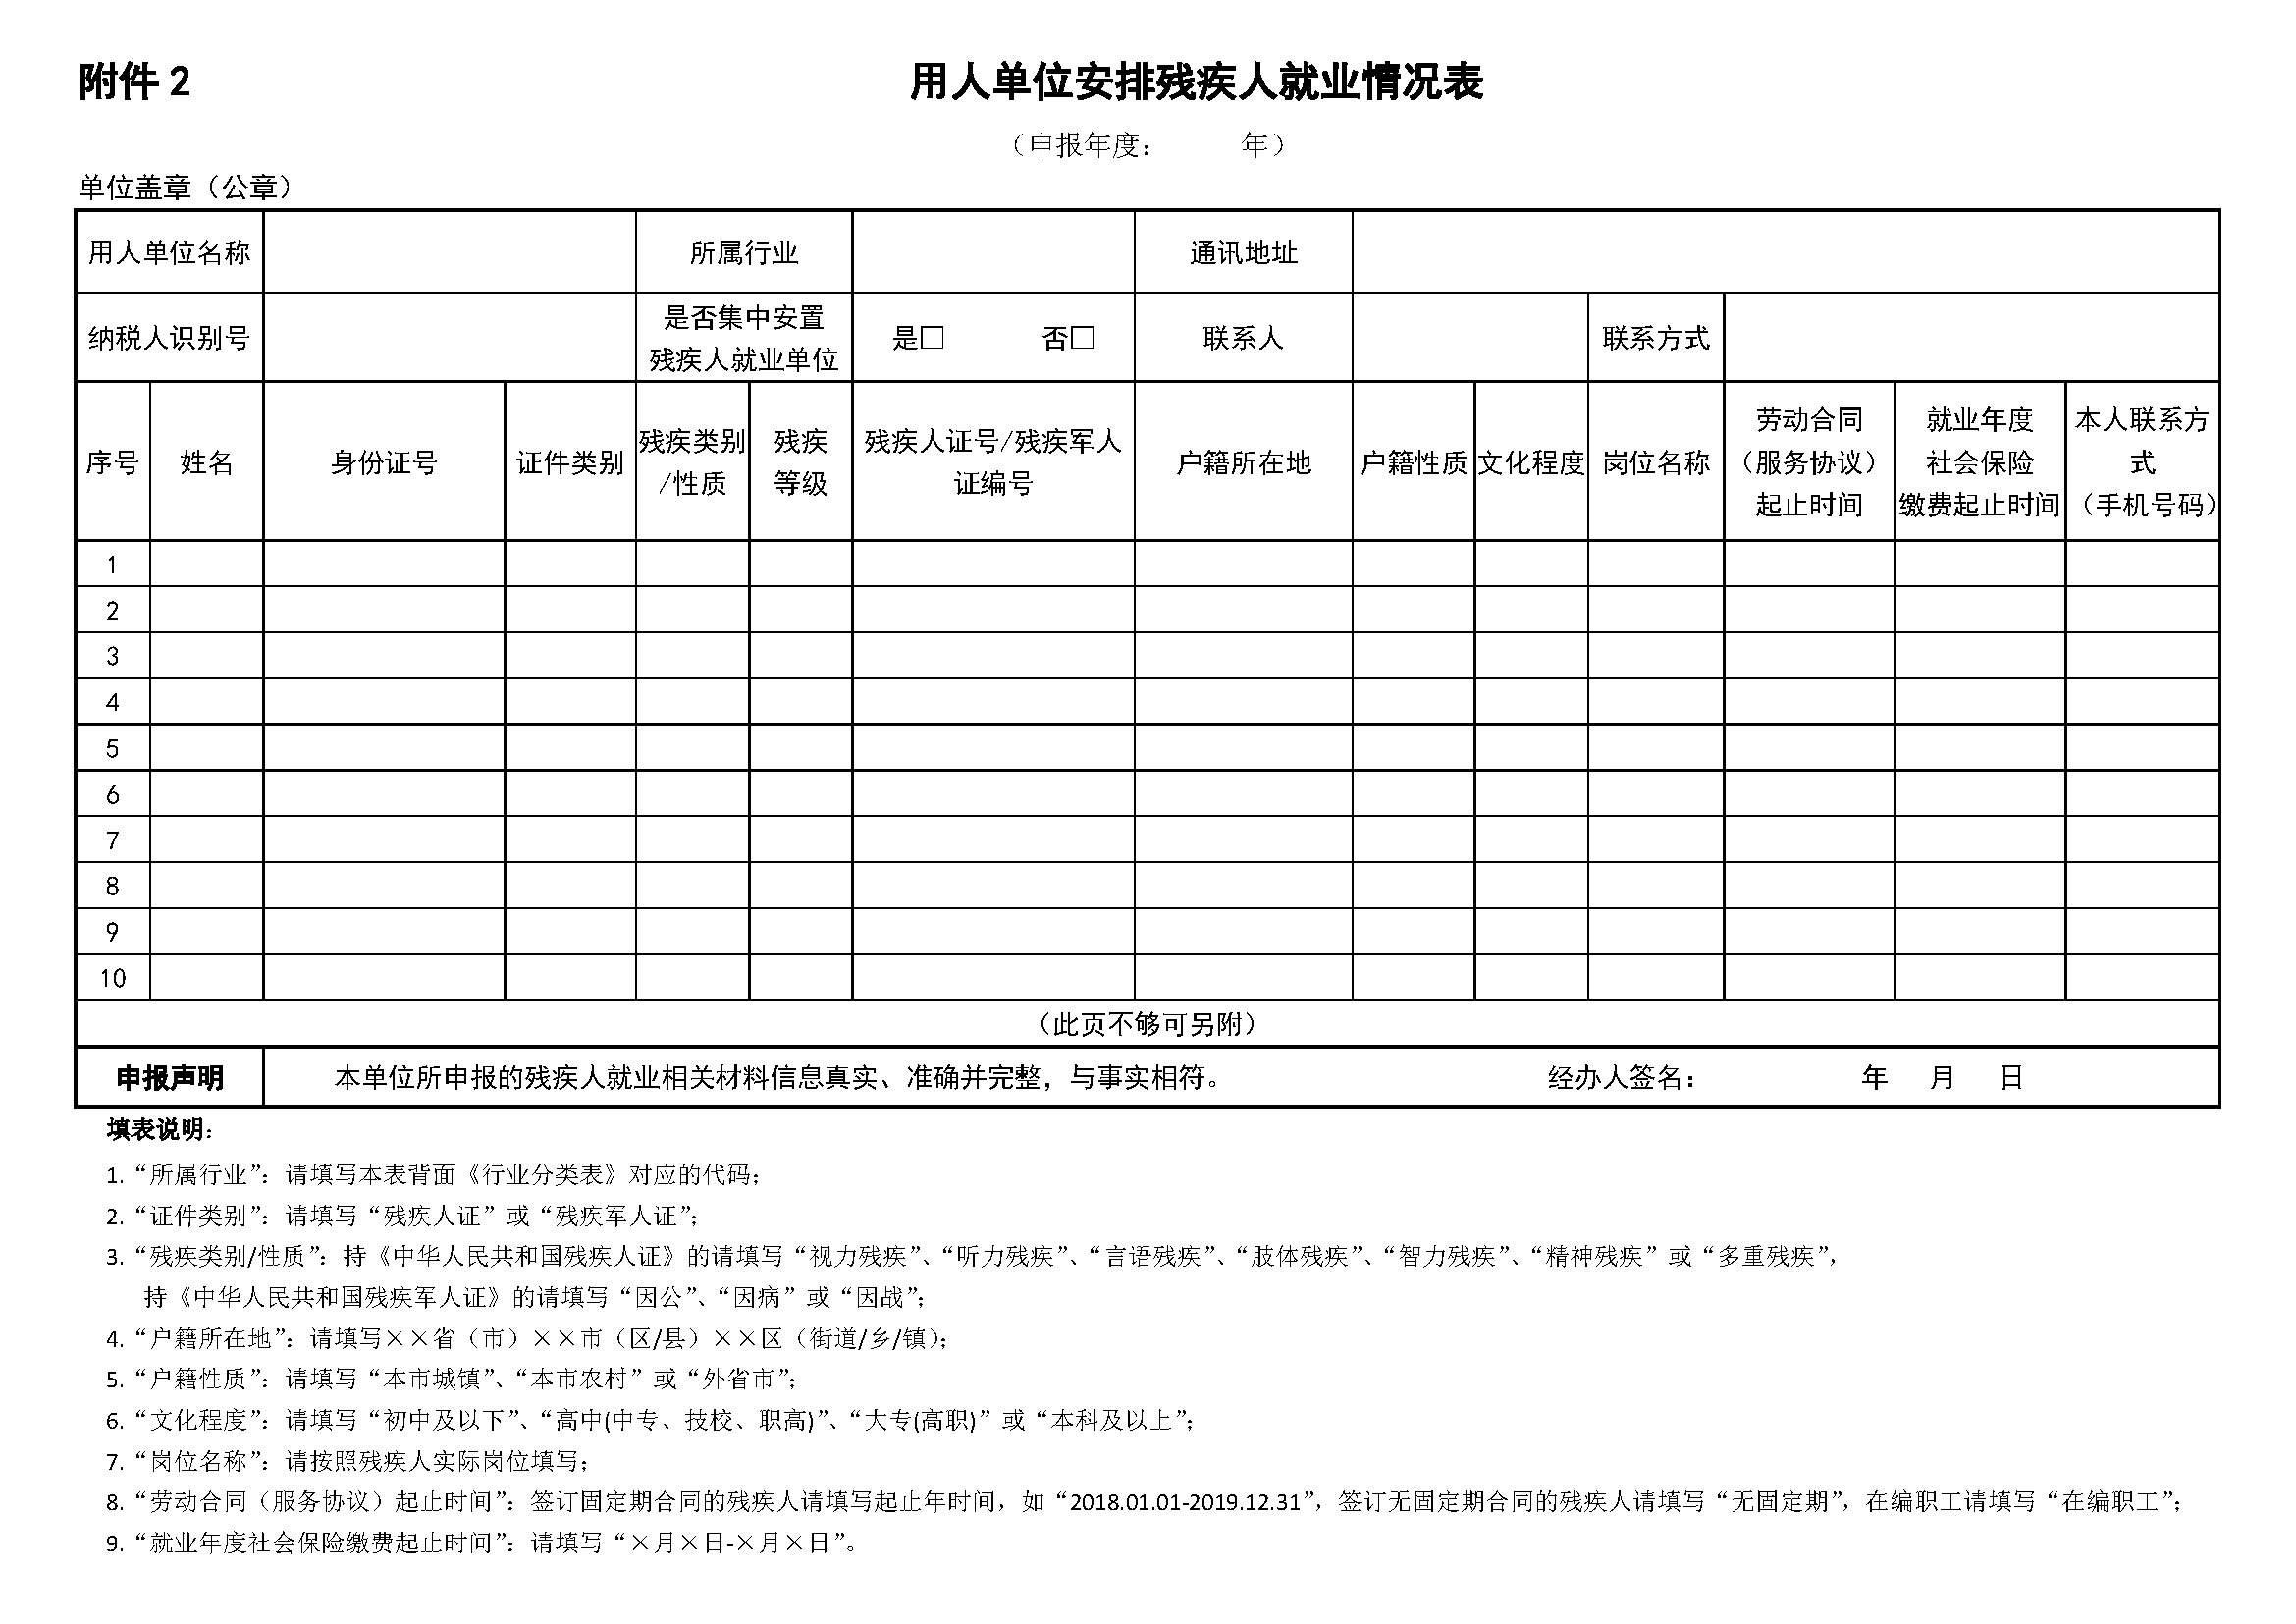 河南省郑州市用人单位安排残疾人就业情况表